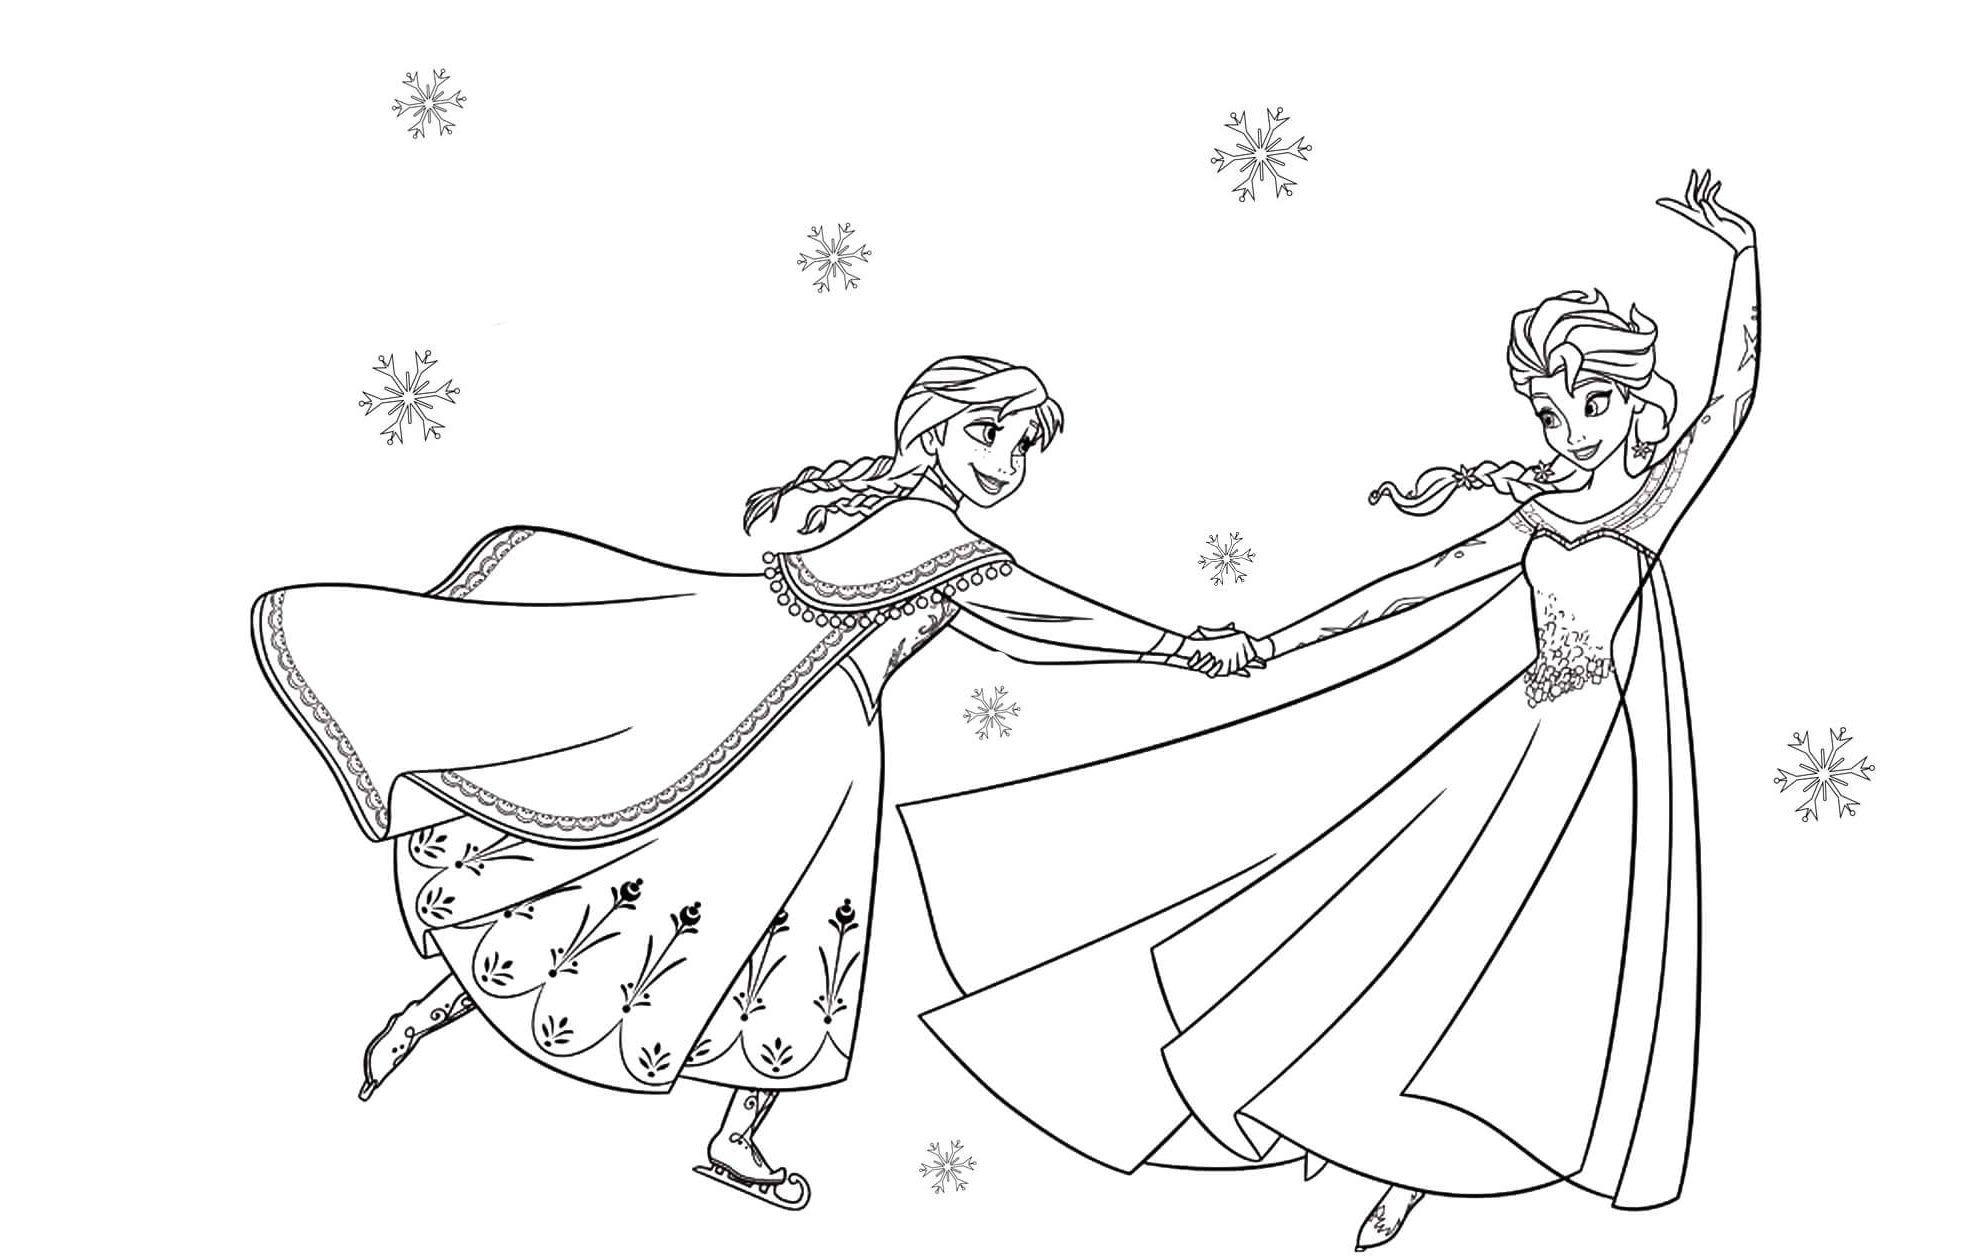 13 Beste Ausmalbilder Elsa Zum Ausdrucken Kostenlos (Mit bei Ausmalbilder Kostenlos Drucken